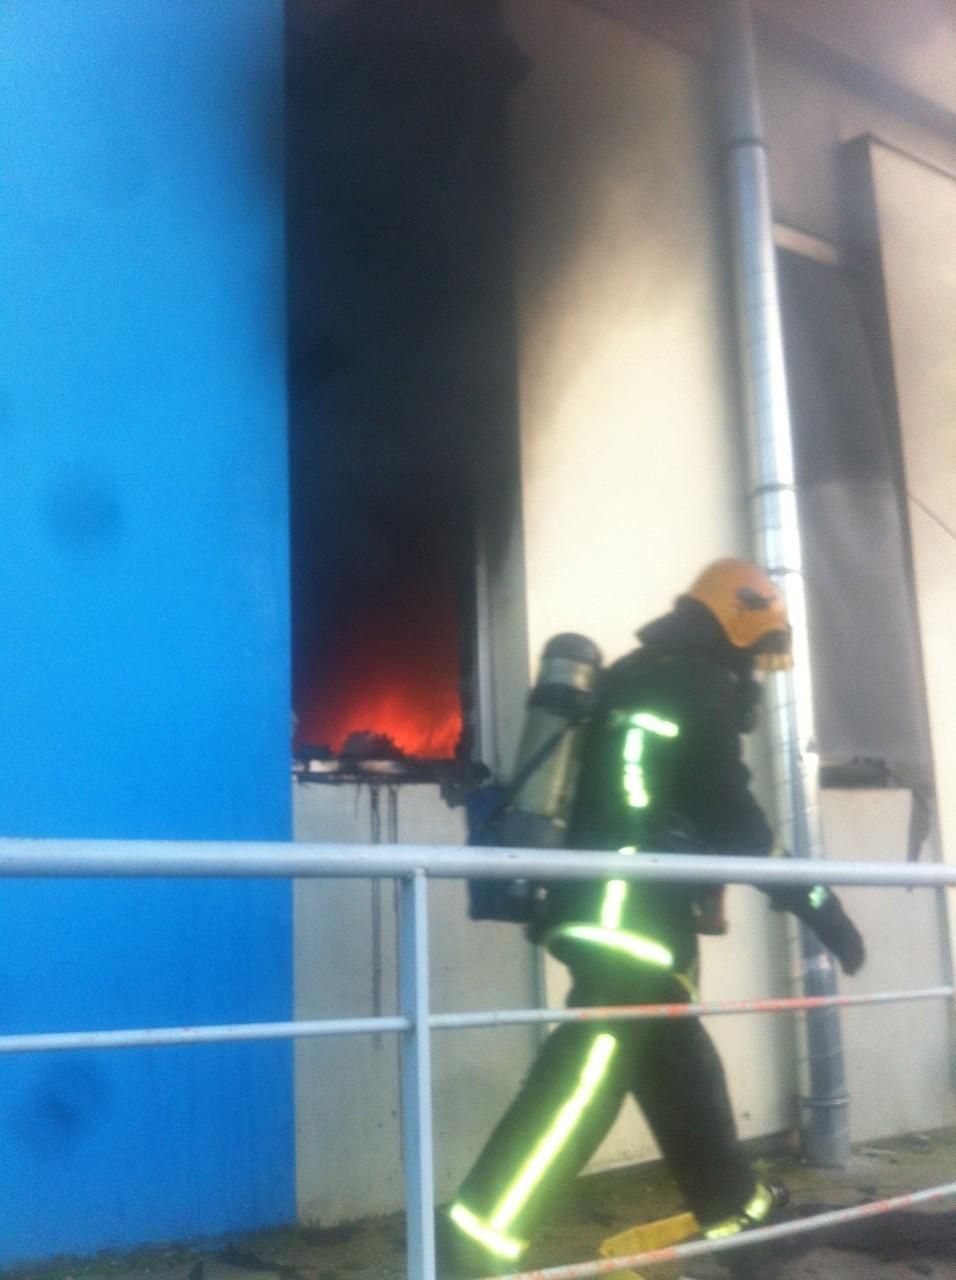 Mantes-la-Jolie (Yvelines) - vendredi 6 décembre 2013 - La salle des fêtes de la poste a été la cible d'un incendie en ce jour grand marché. La piste criminelle est évoquée par les enquêteurs (MA/Ab.N)